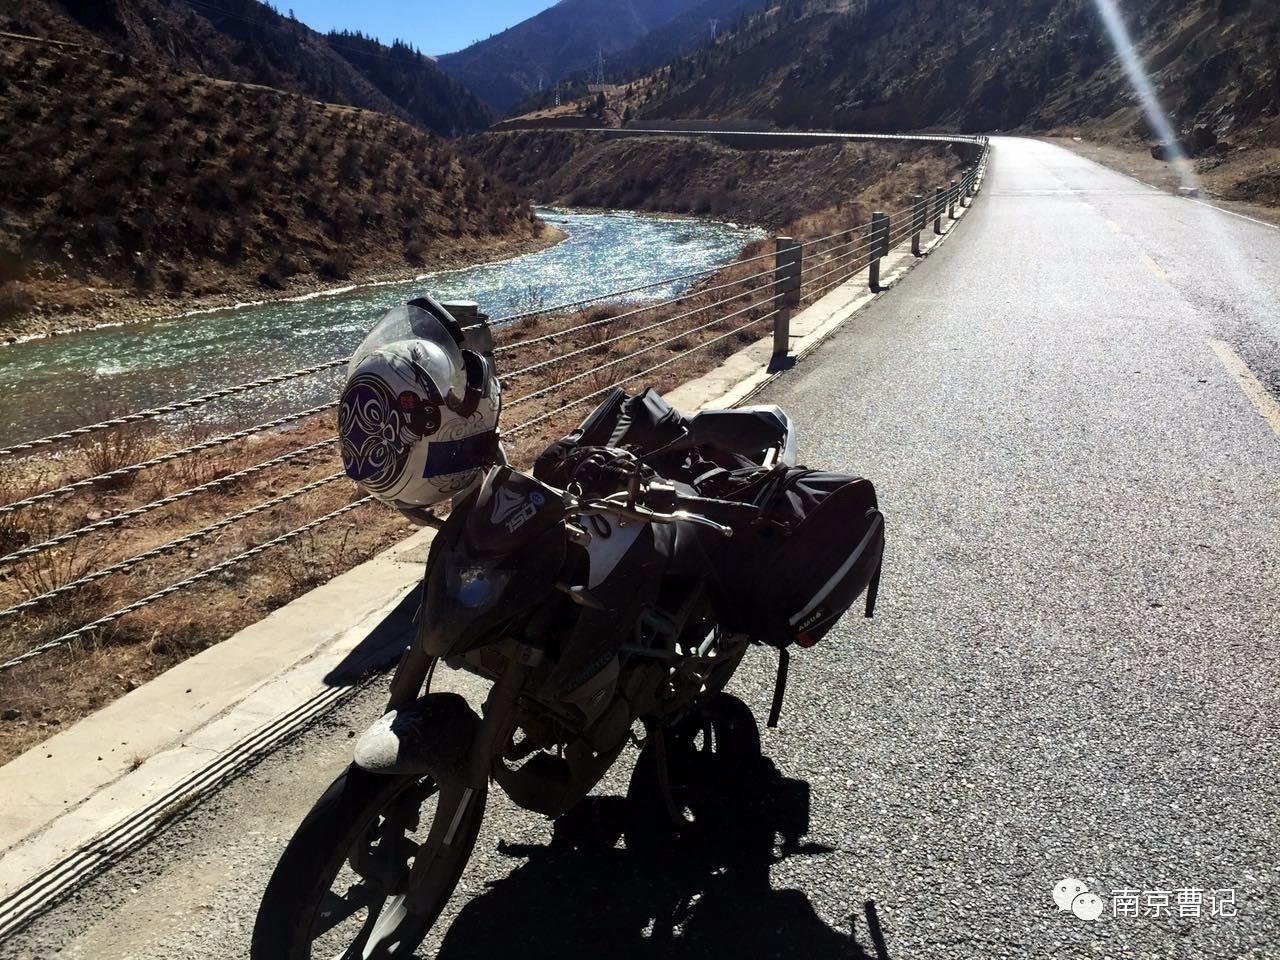 在校实习生辞去工作,只为了圆一场骑行梦。